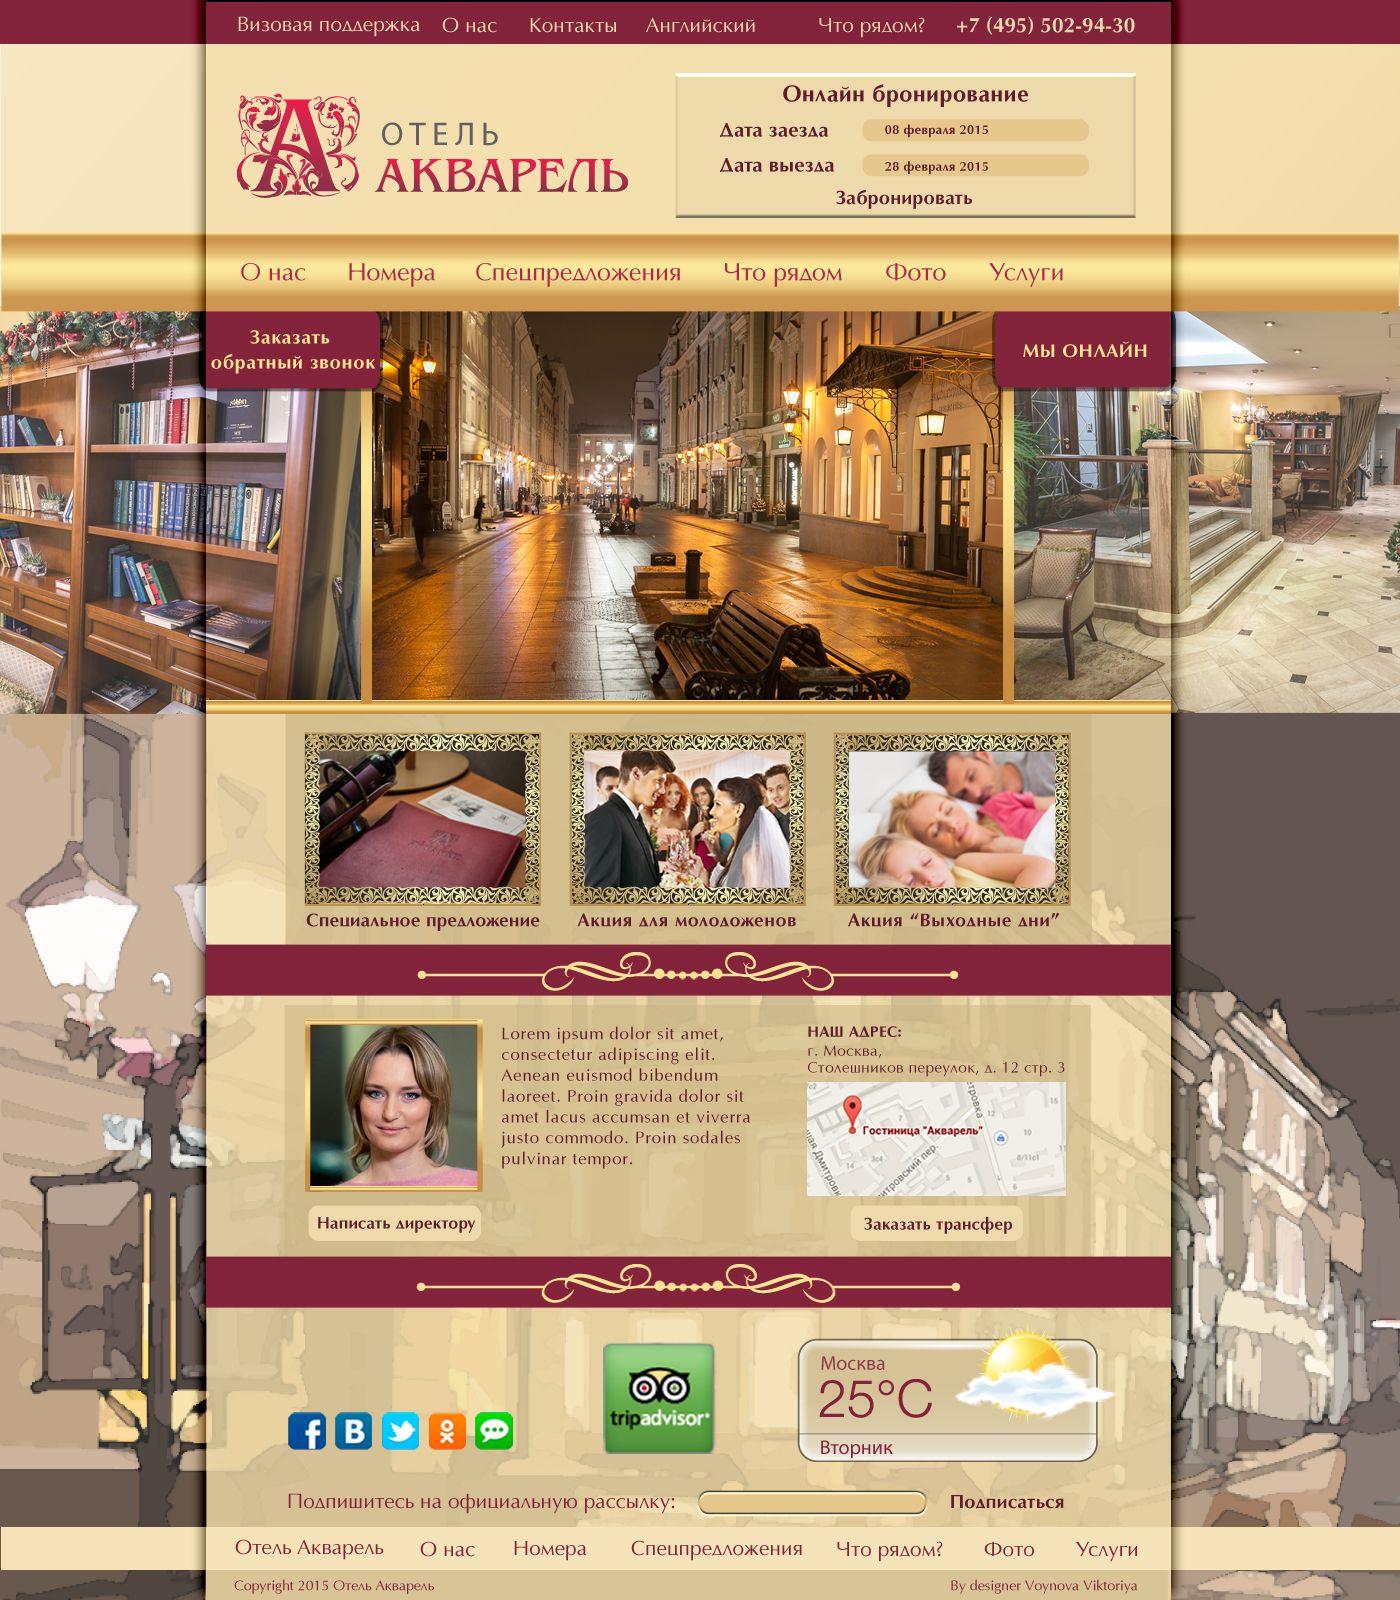 Дизайн сайта отеля - дизайнер viva0586